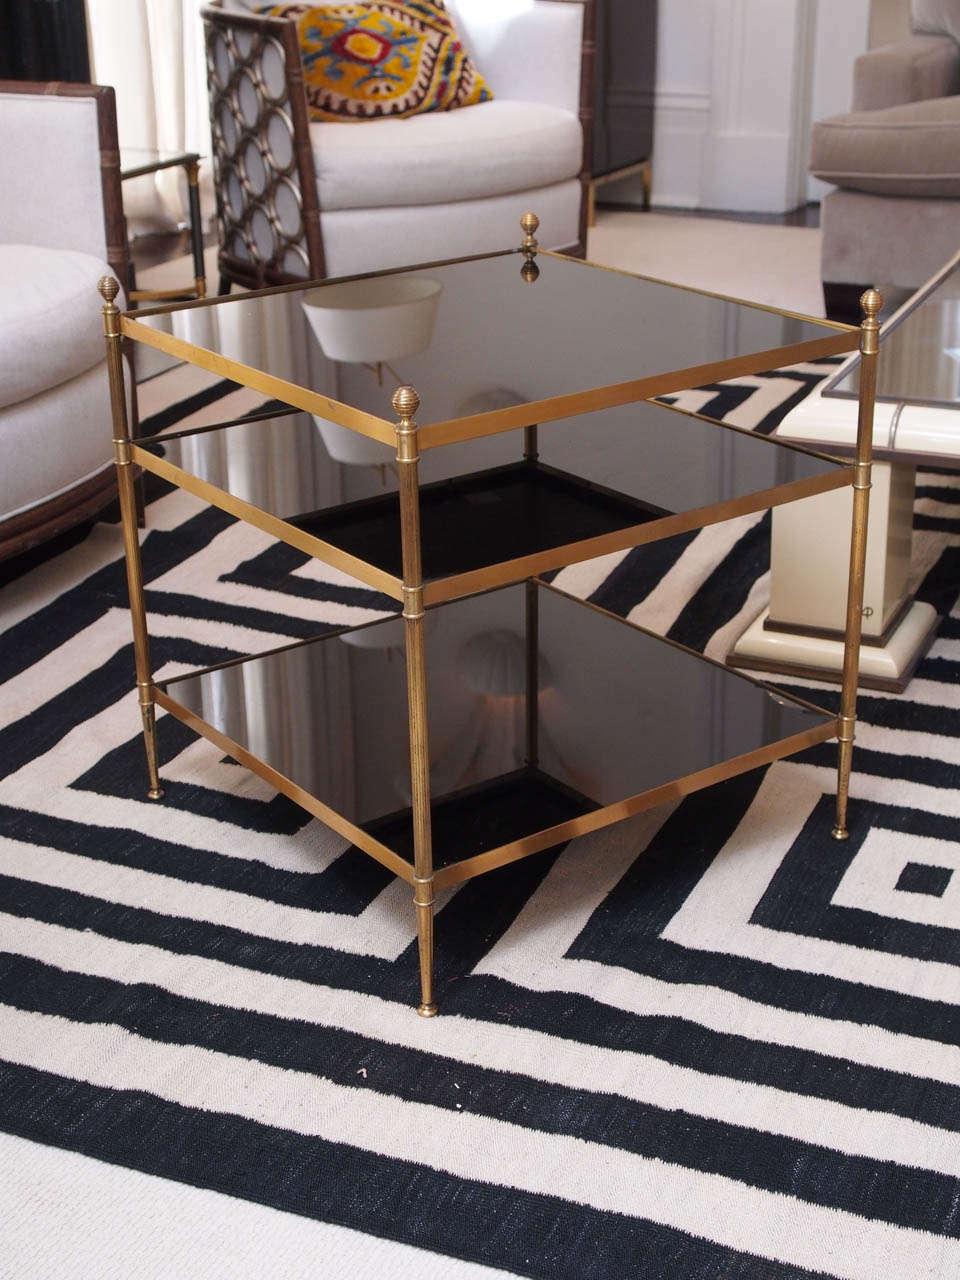 Black glass shelves : Side table maison jansen